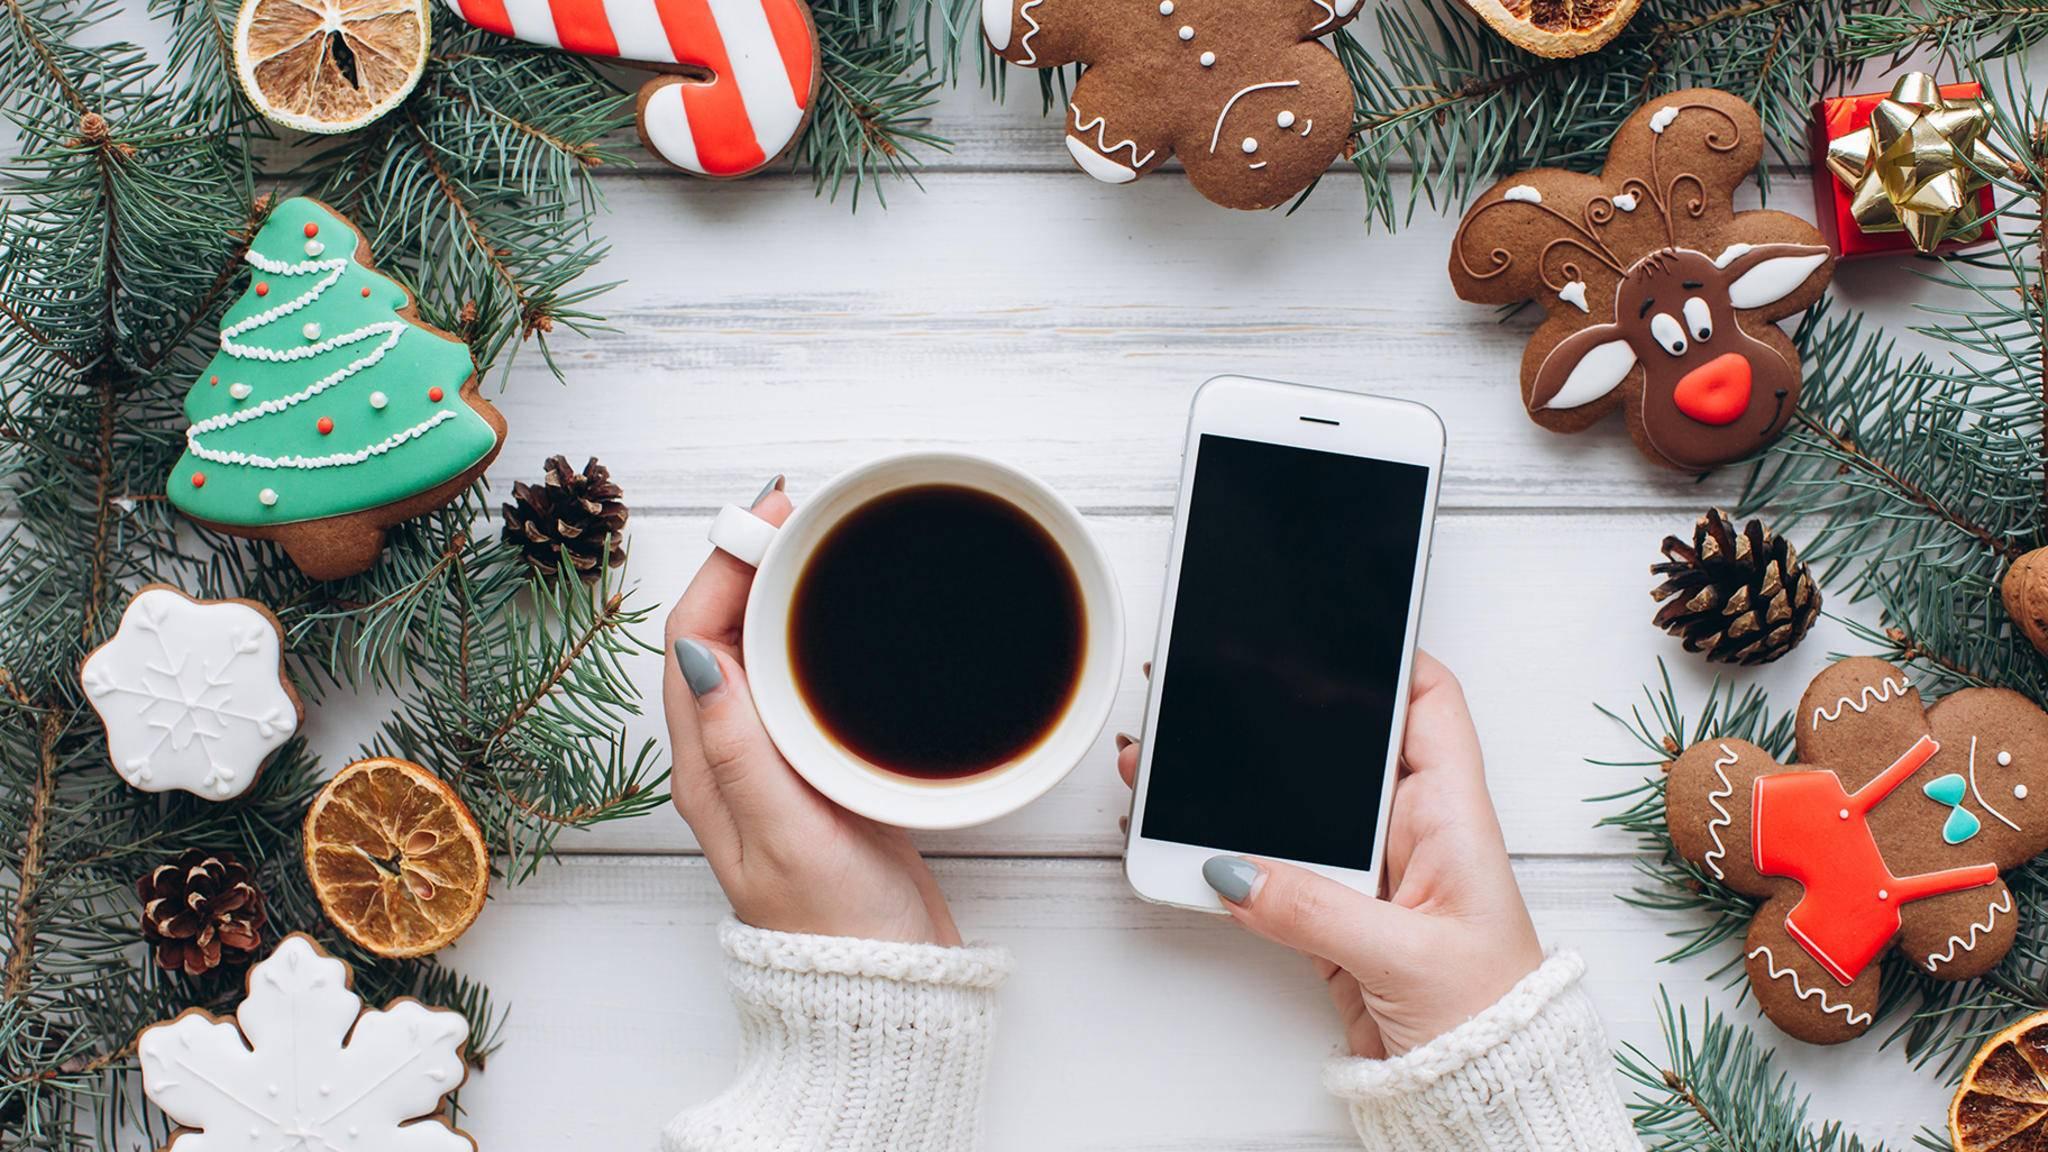 Unterm Weihnachtsbaum ist guter Technik-Rat meist gern gesehen.